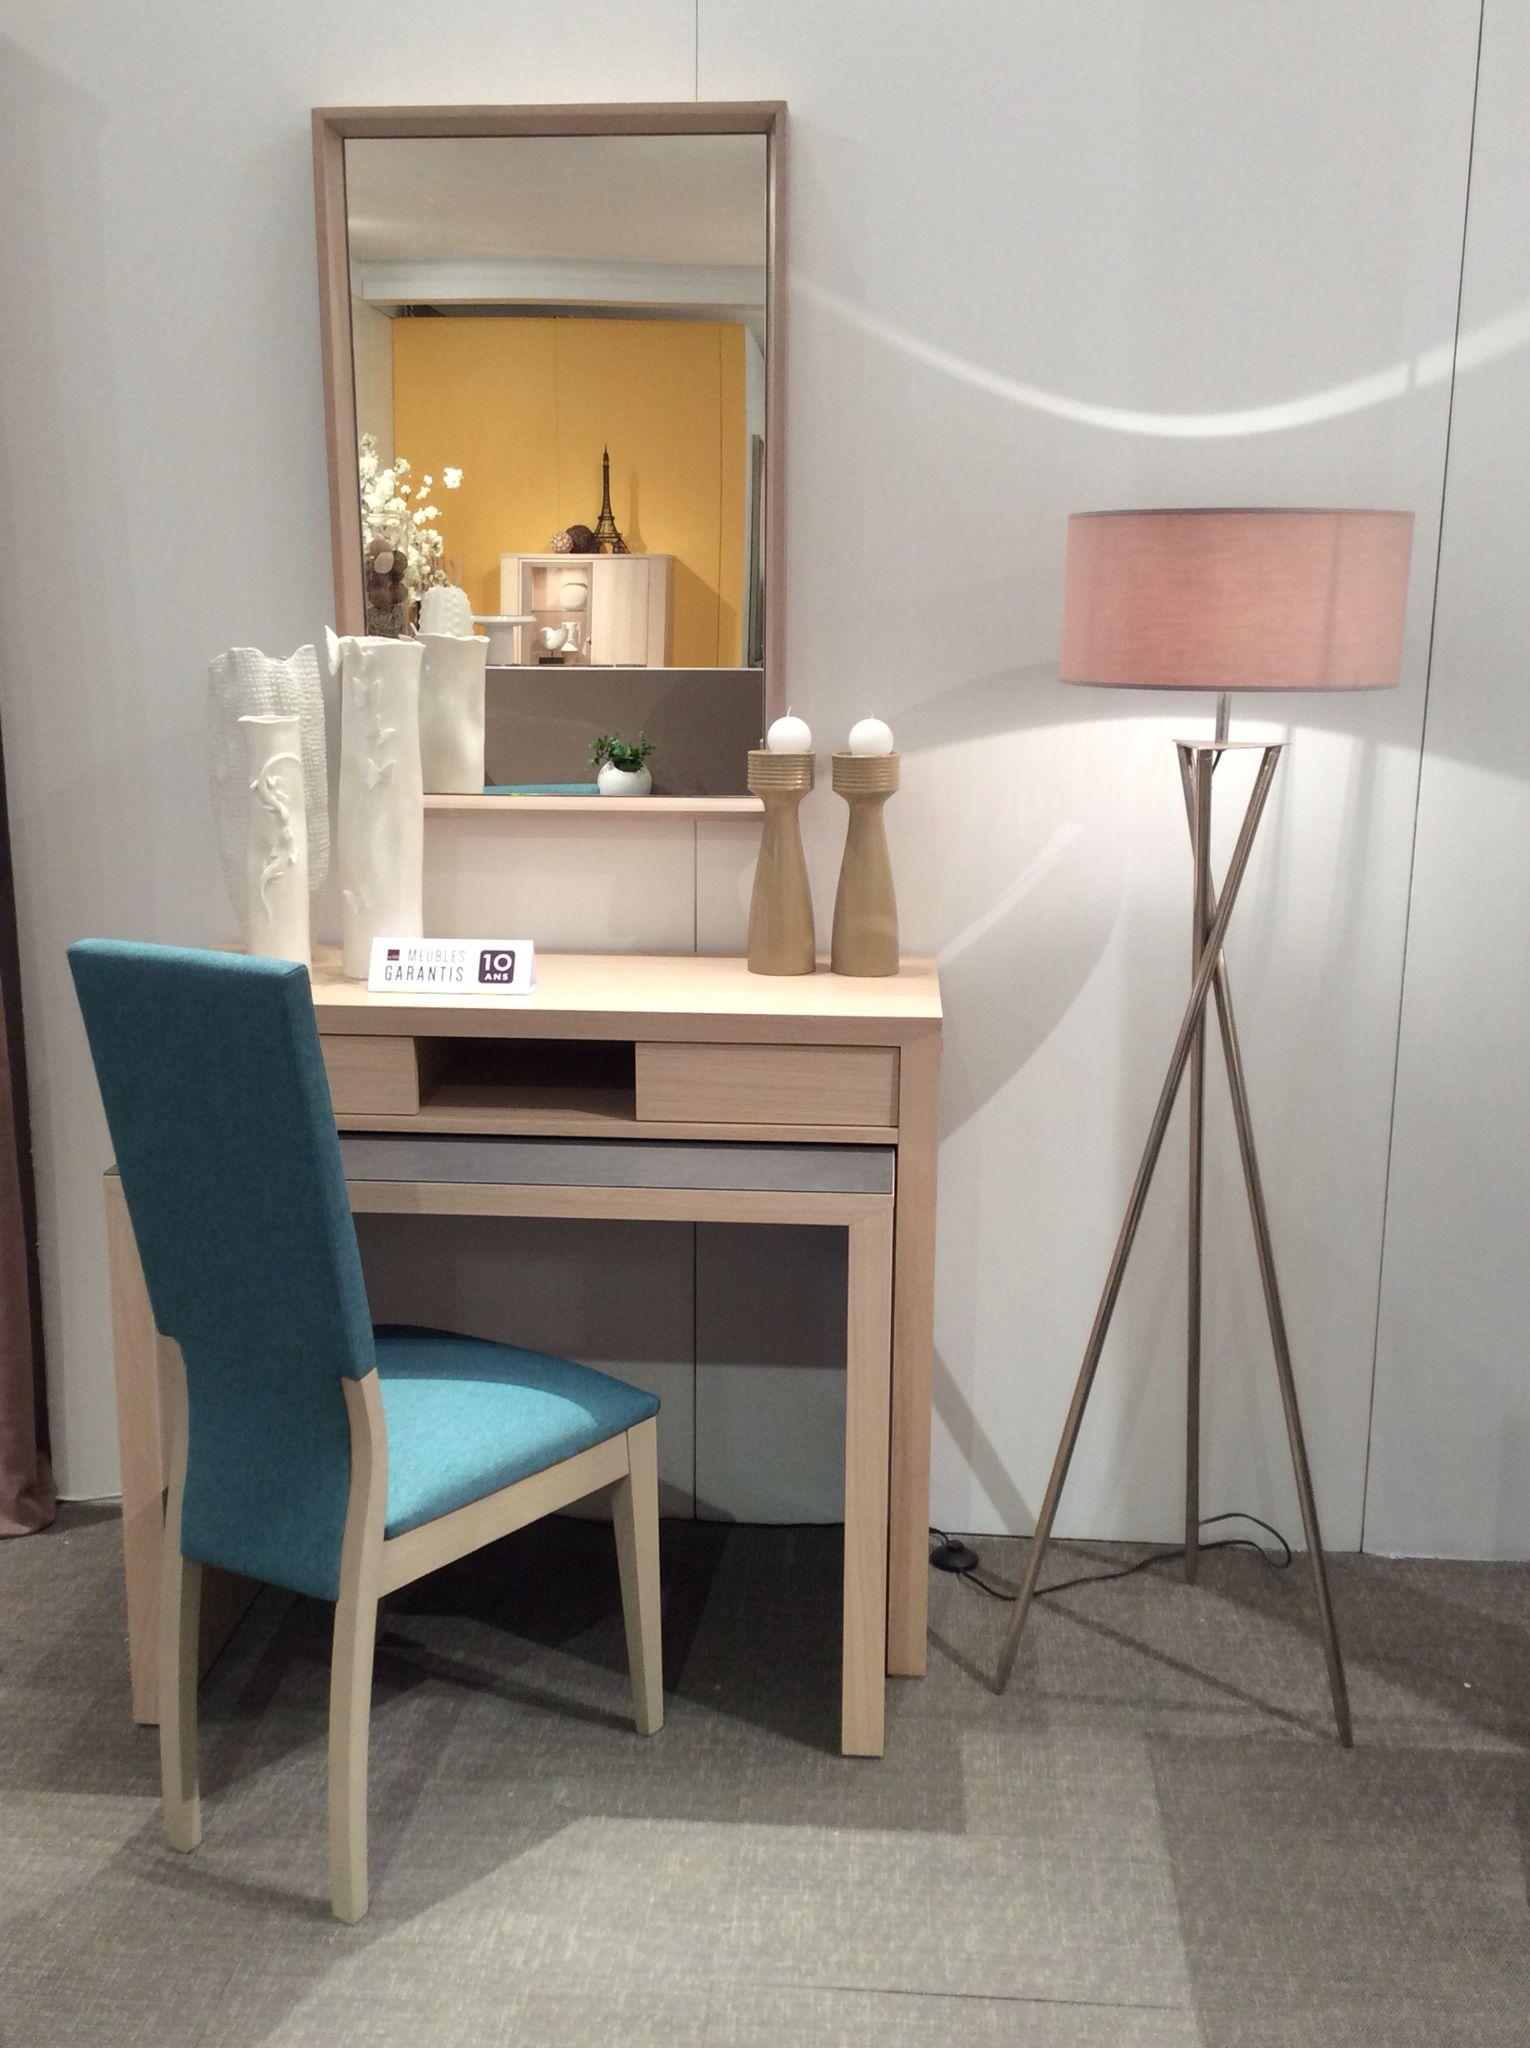 r solument tendance console bureau connect id ale pour les petits espaces et pratique. Black Bedroom Furniture Sets. Home Design Ideas